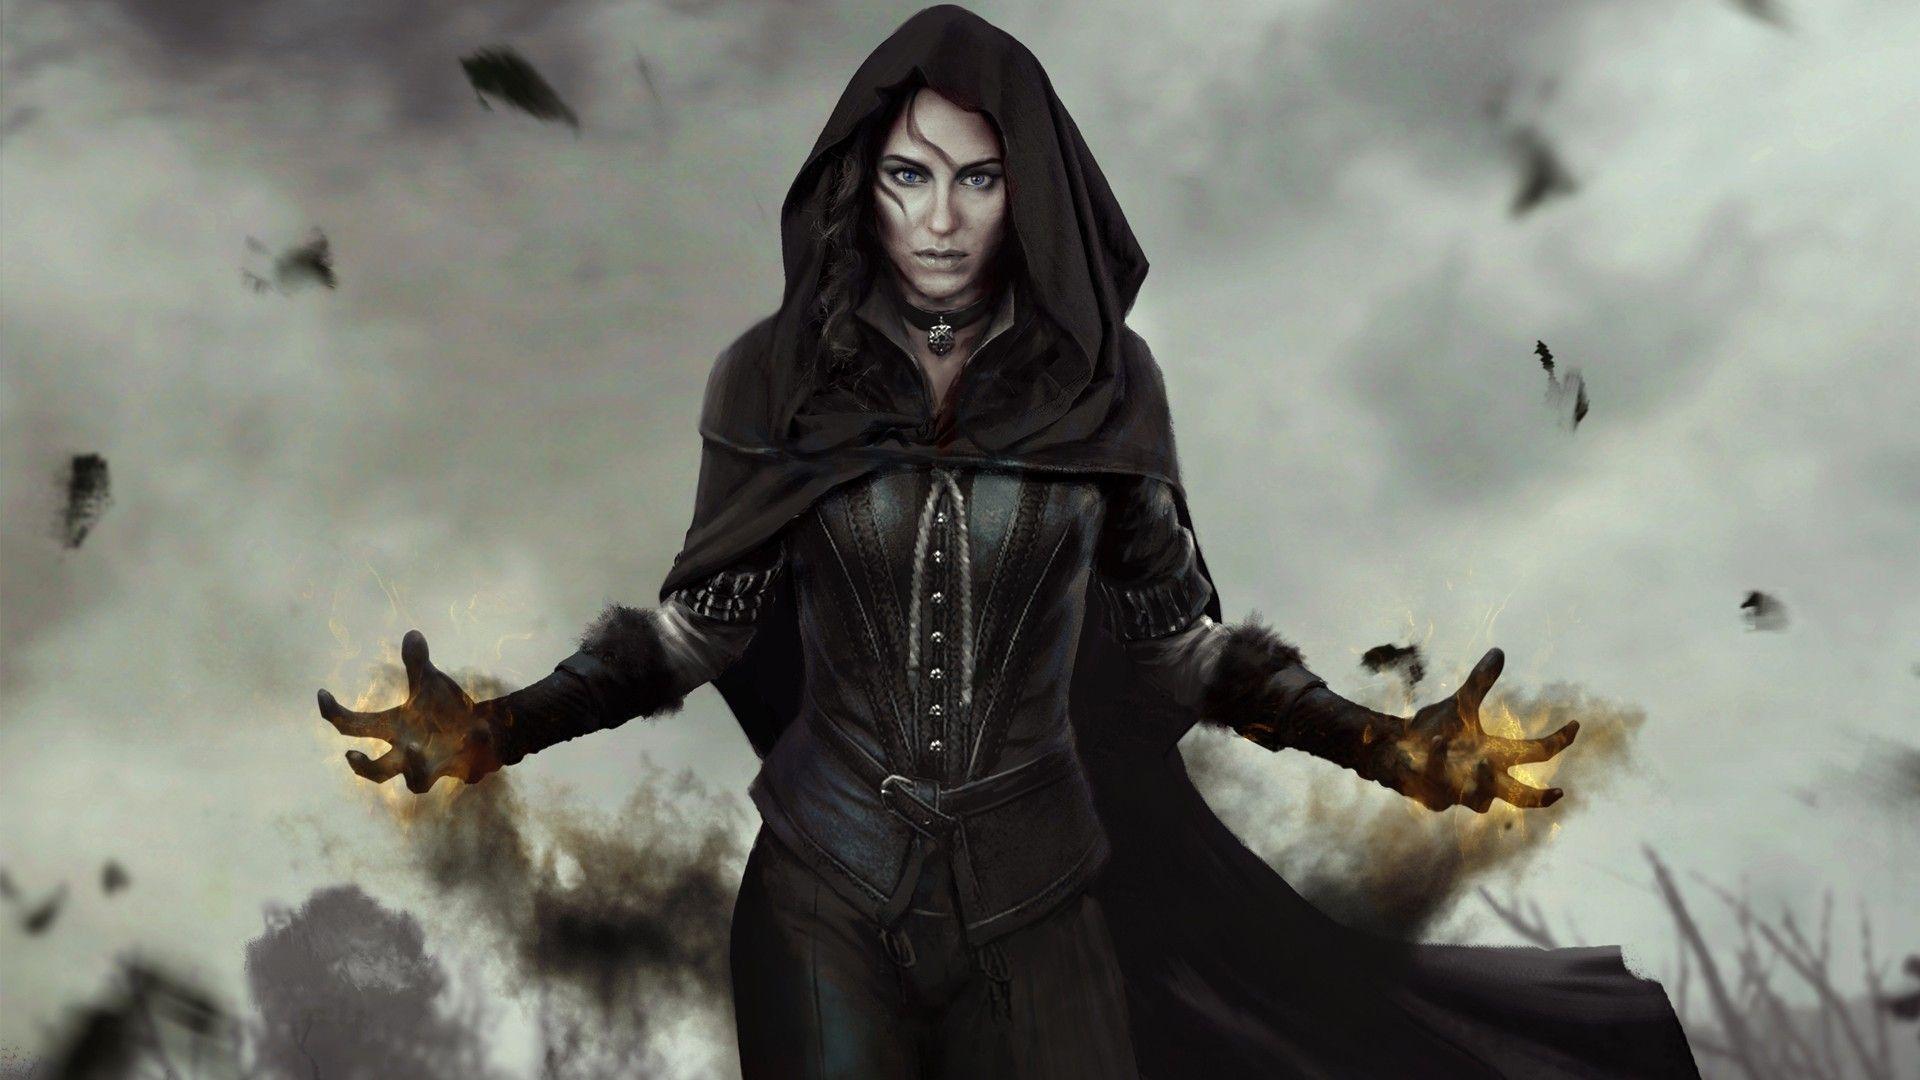 The Witcher 3 Wild Hunt Yennefer Of Vengerberg The Witcher Video Games Wallpaper The Witcher The Witcher 3 Witch Wallpaper